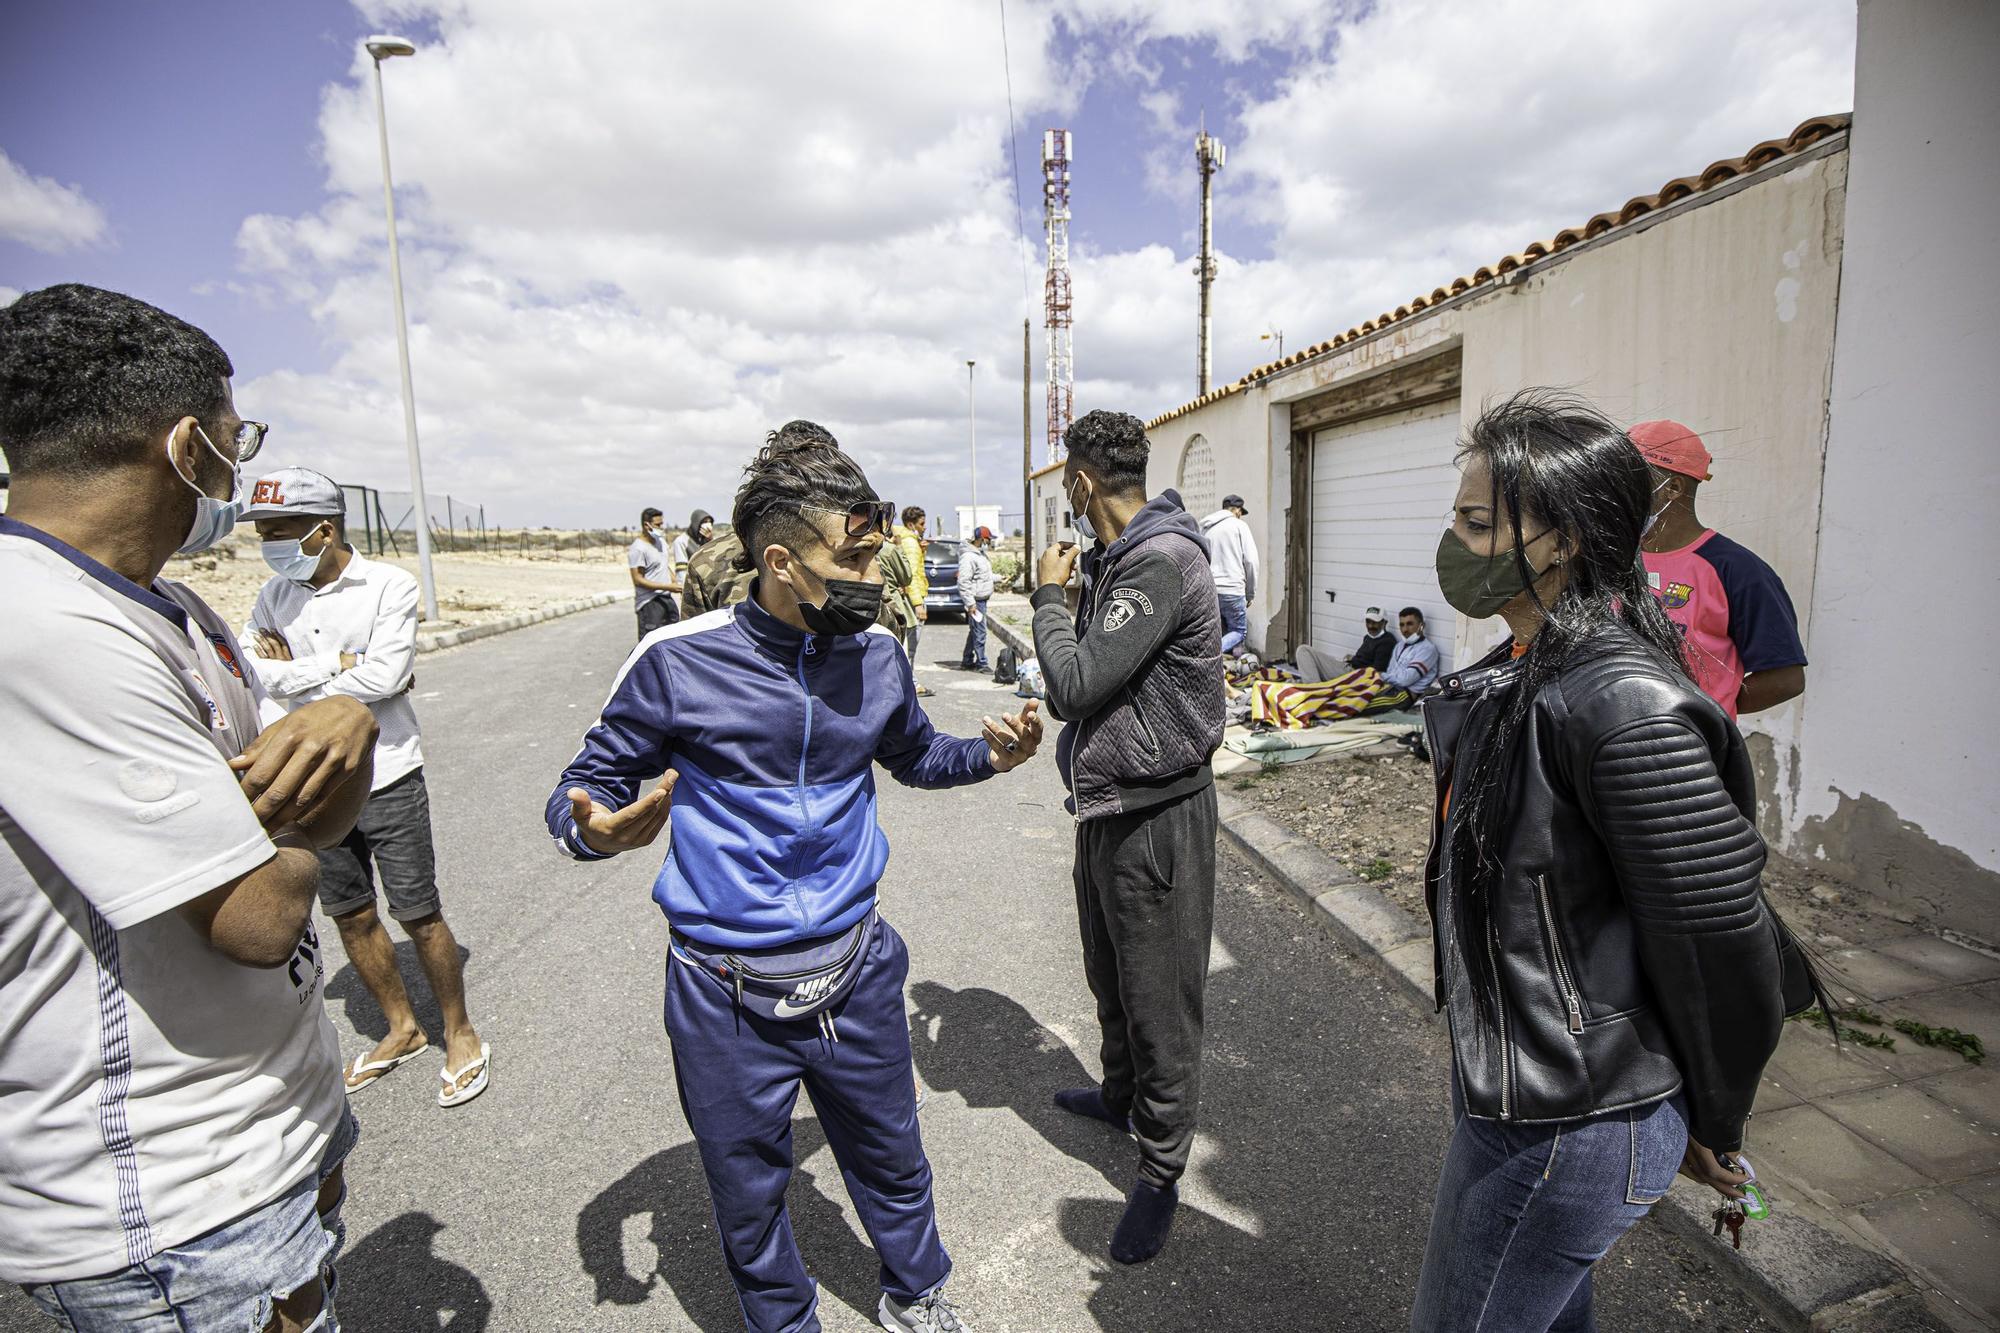 Migrantes fuera del CIE El Matorral en Fuerteventura